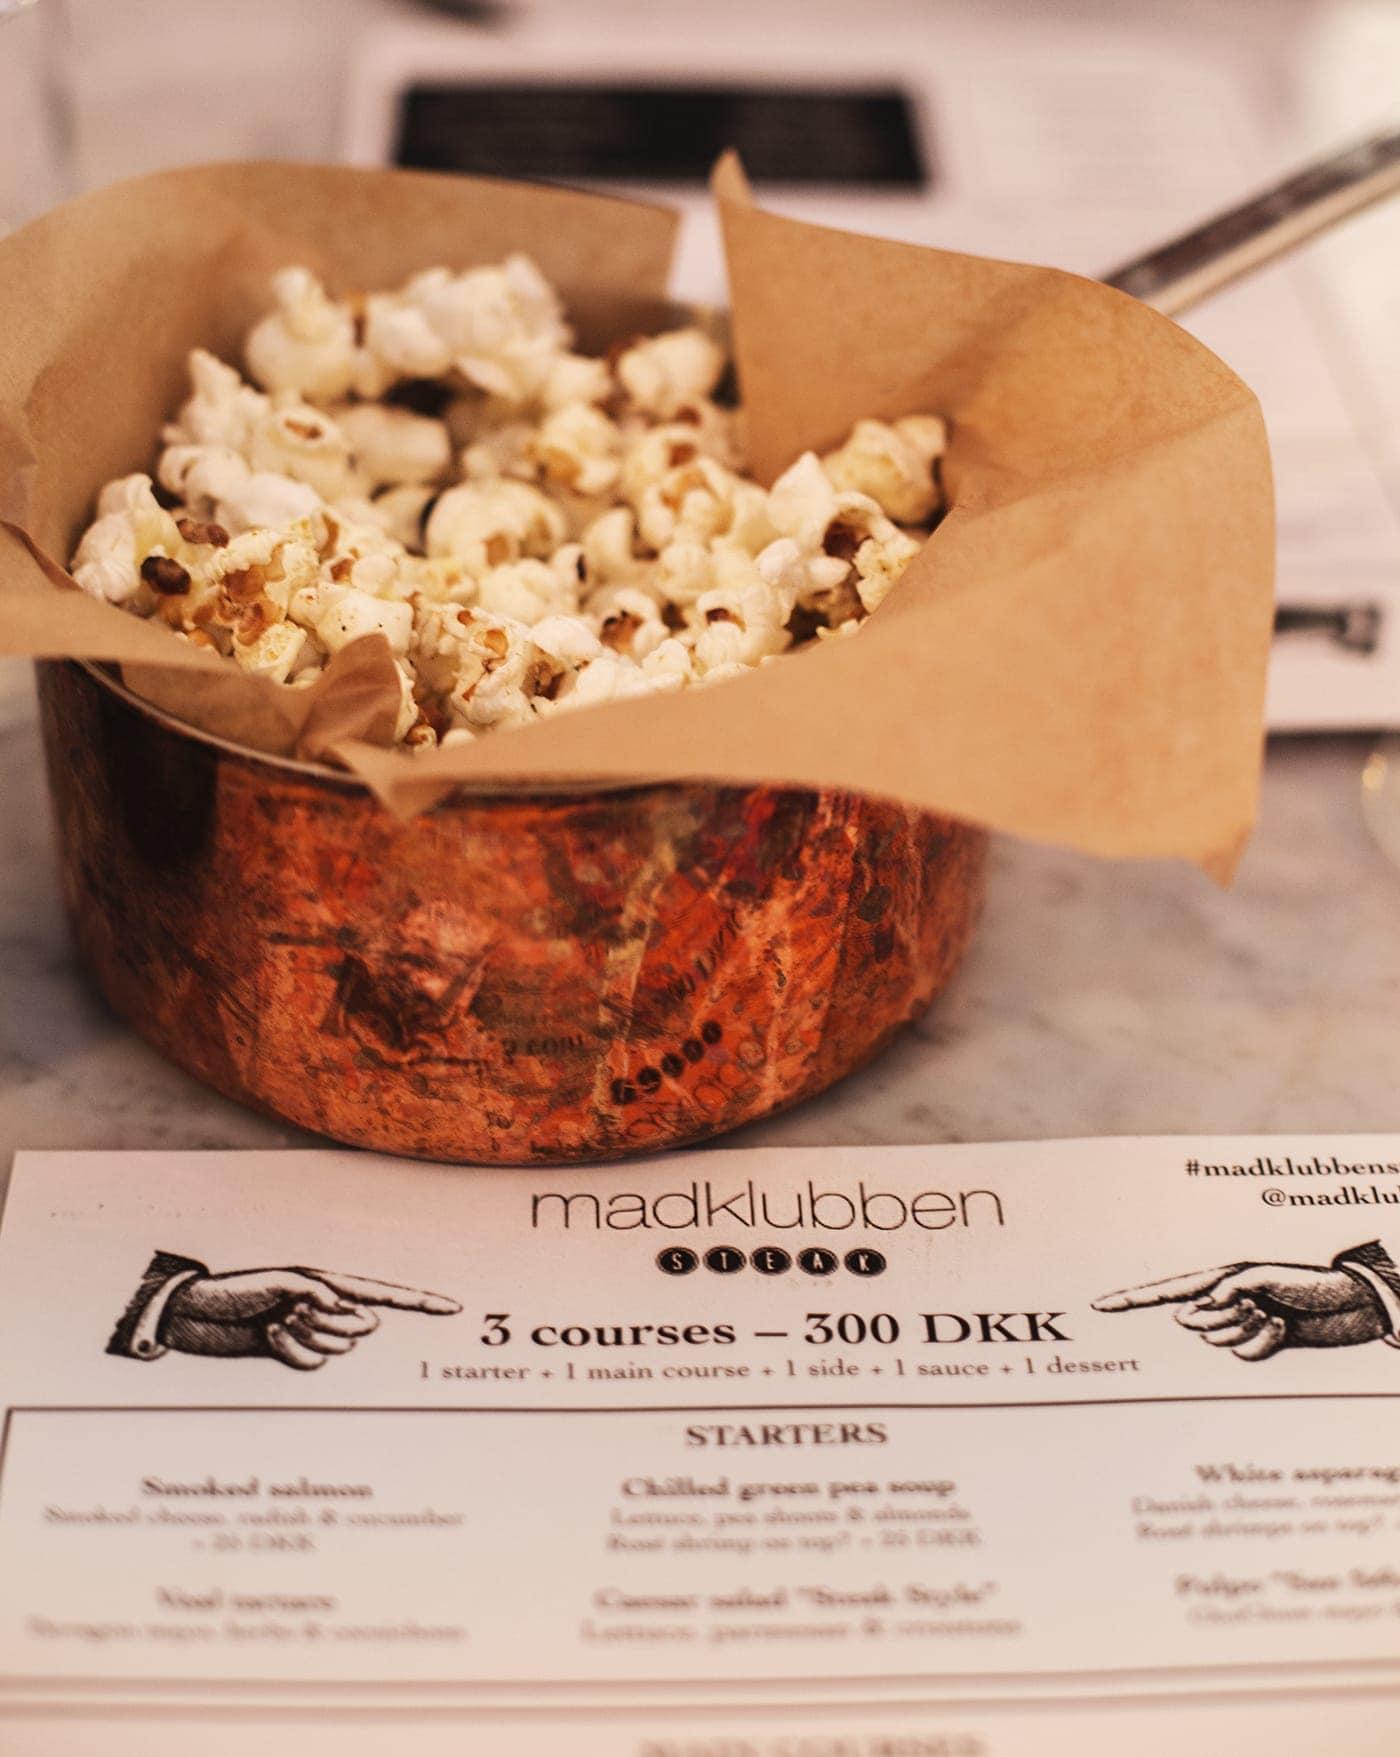 copenhagen-wanderlust-madklubben-popcorn-appetiser